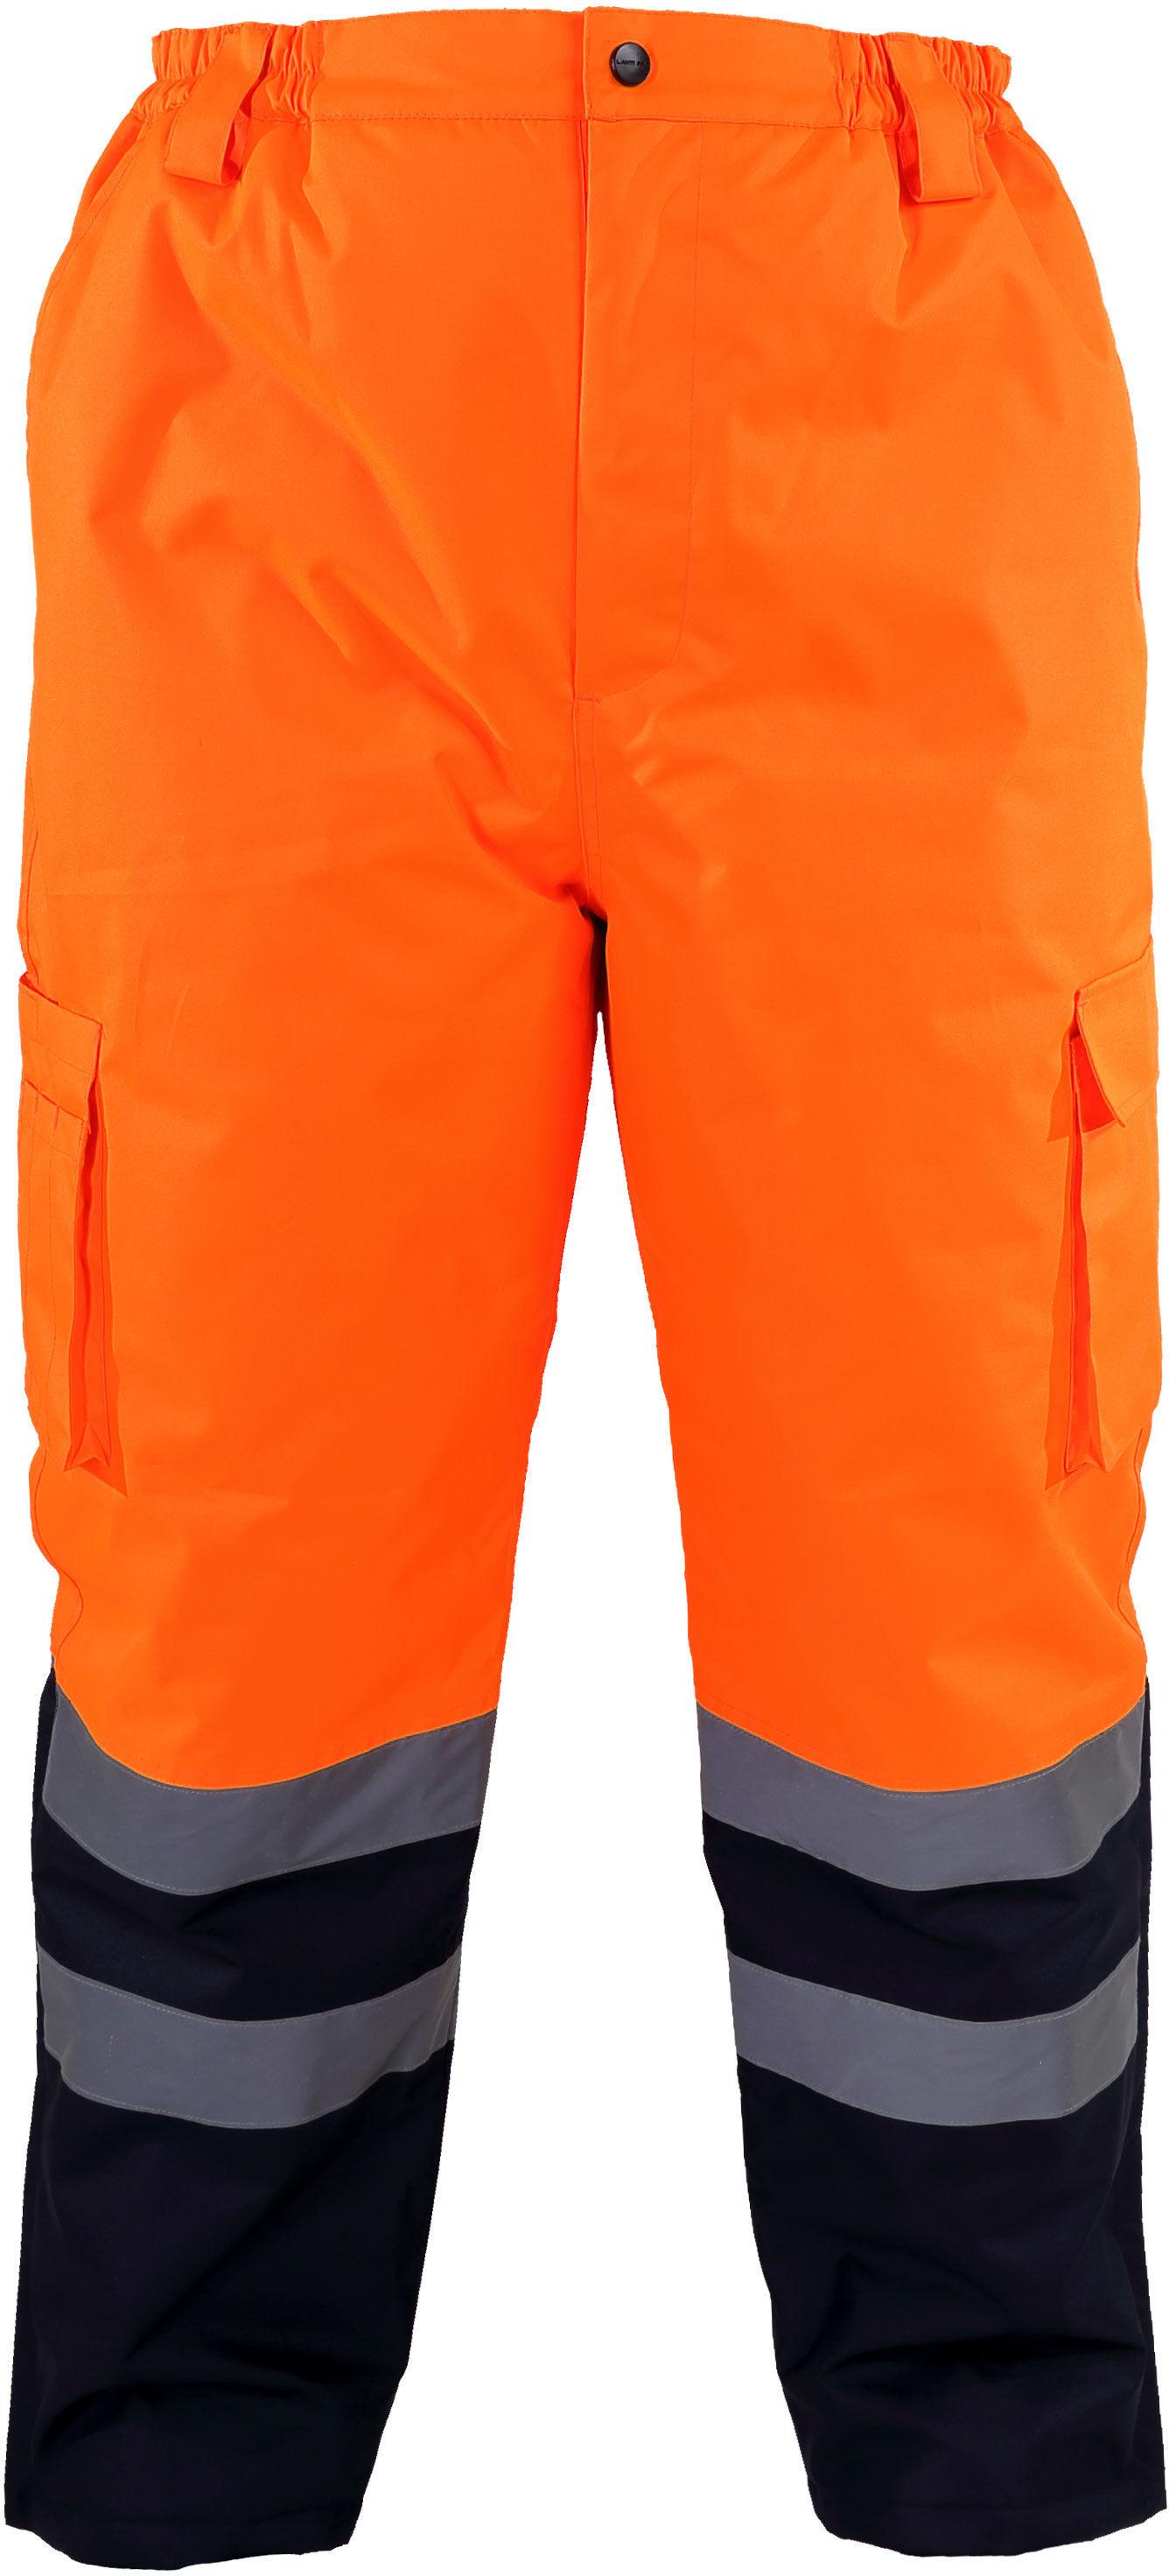 """Spodnie ostrzegawcze ociep., pomarańczowe, """"m"""", ce, lahti"""